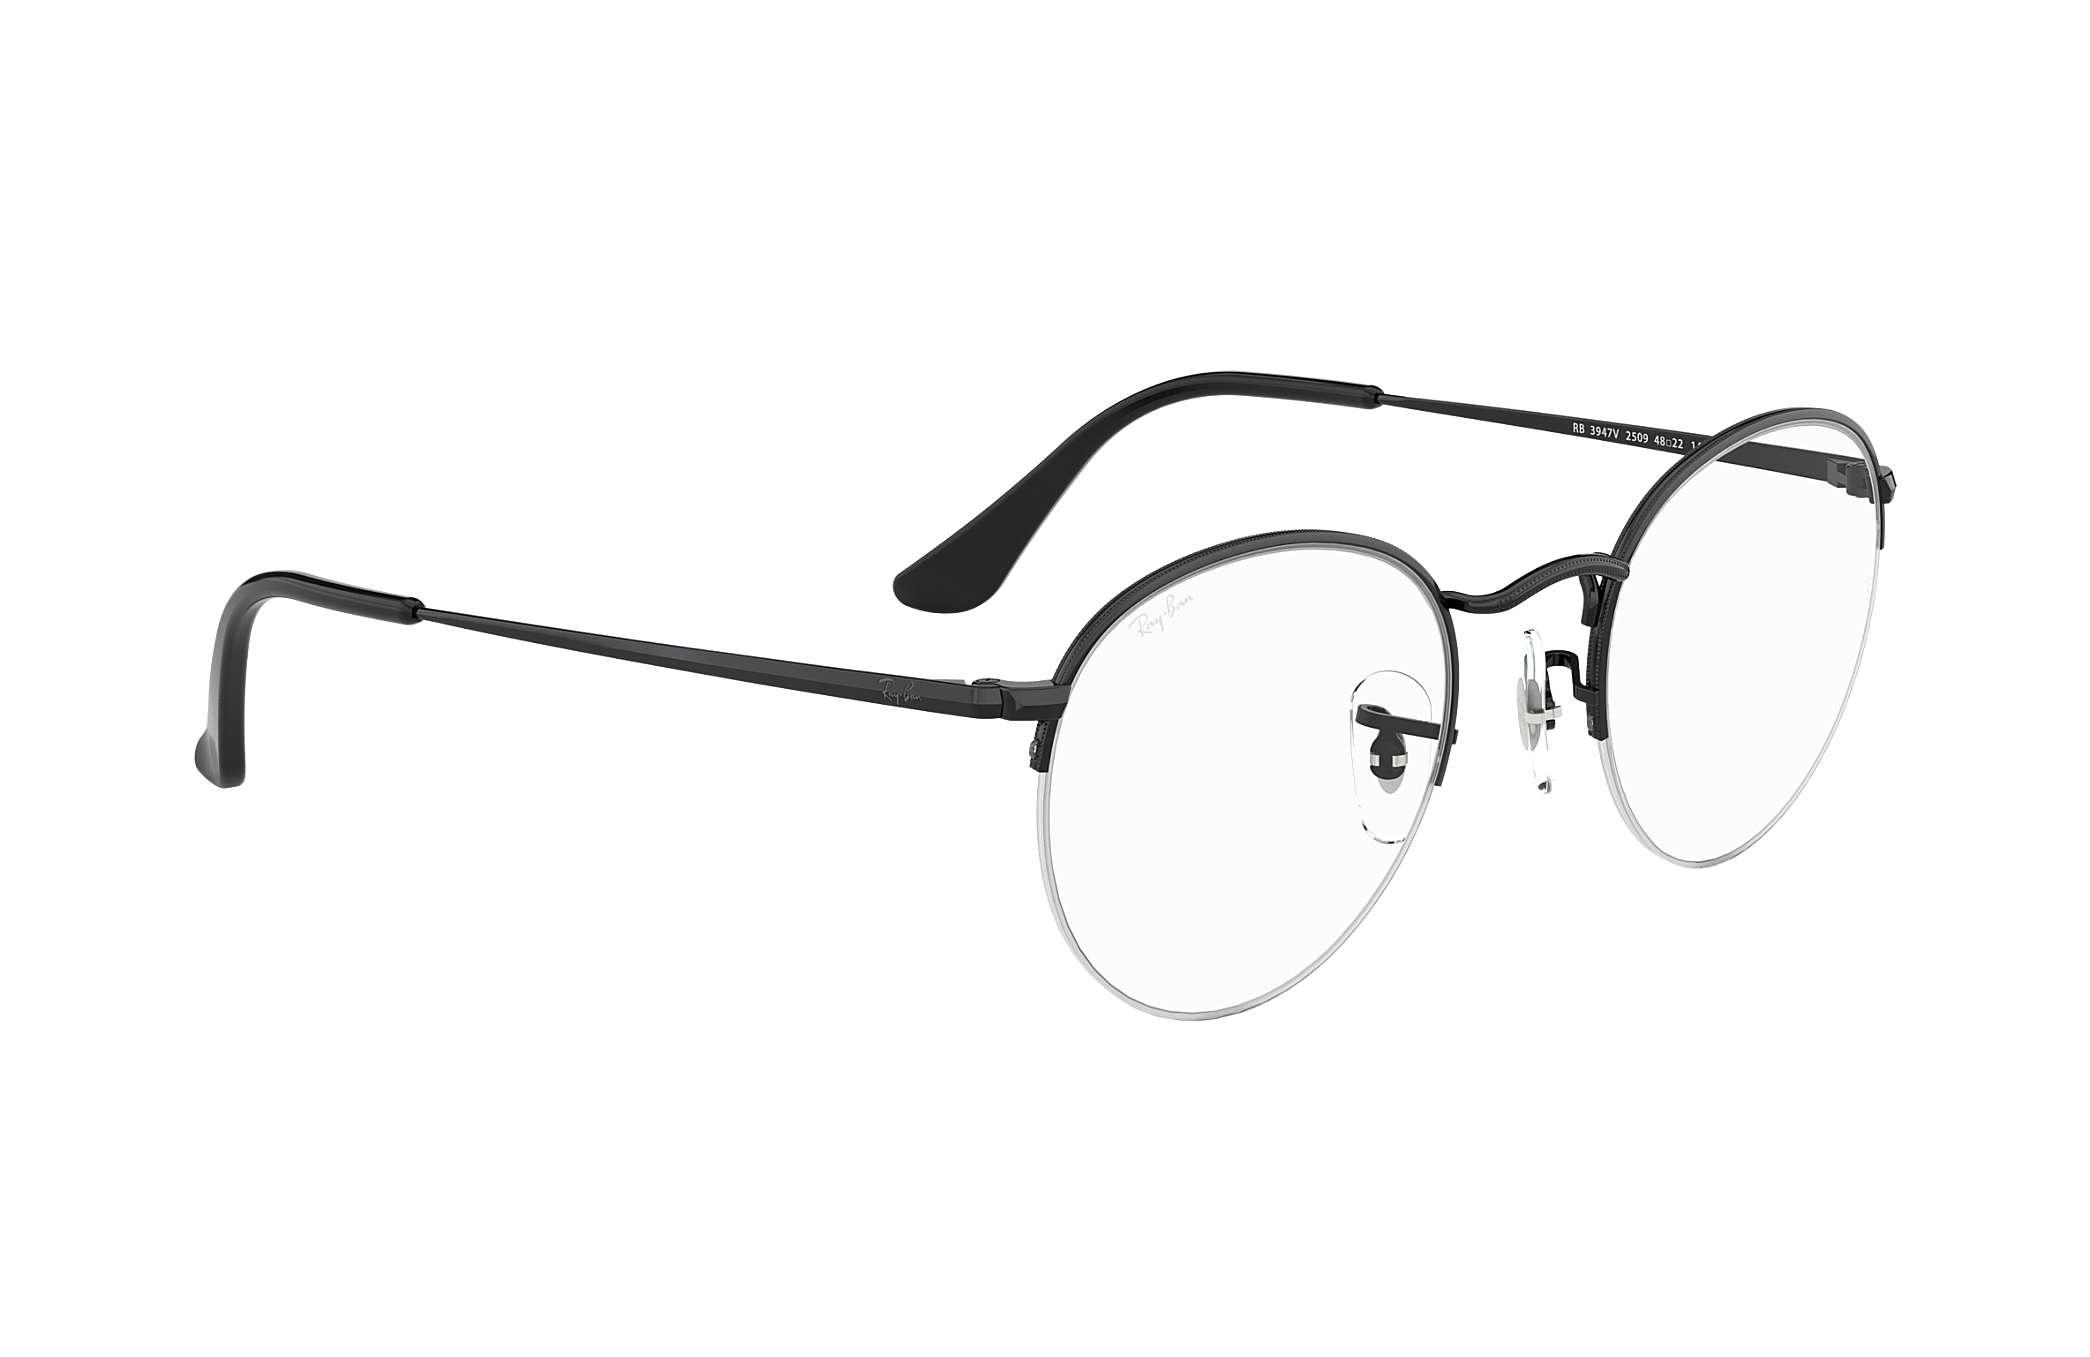 04a9e8d477b1a Óculos de grau Ray-Ban Round Gaze RB3947V Preto - Metal ...